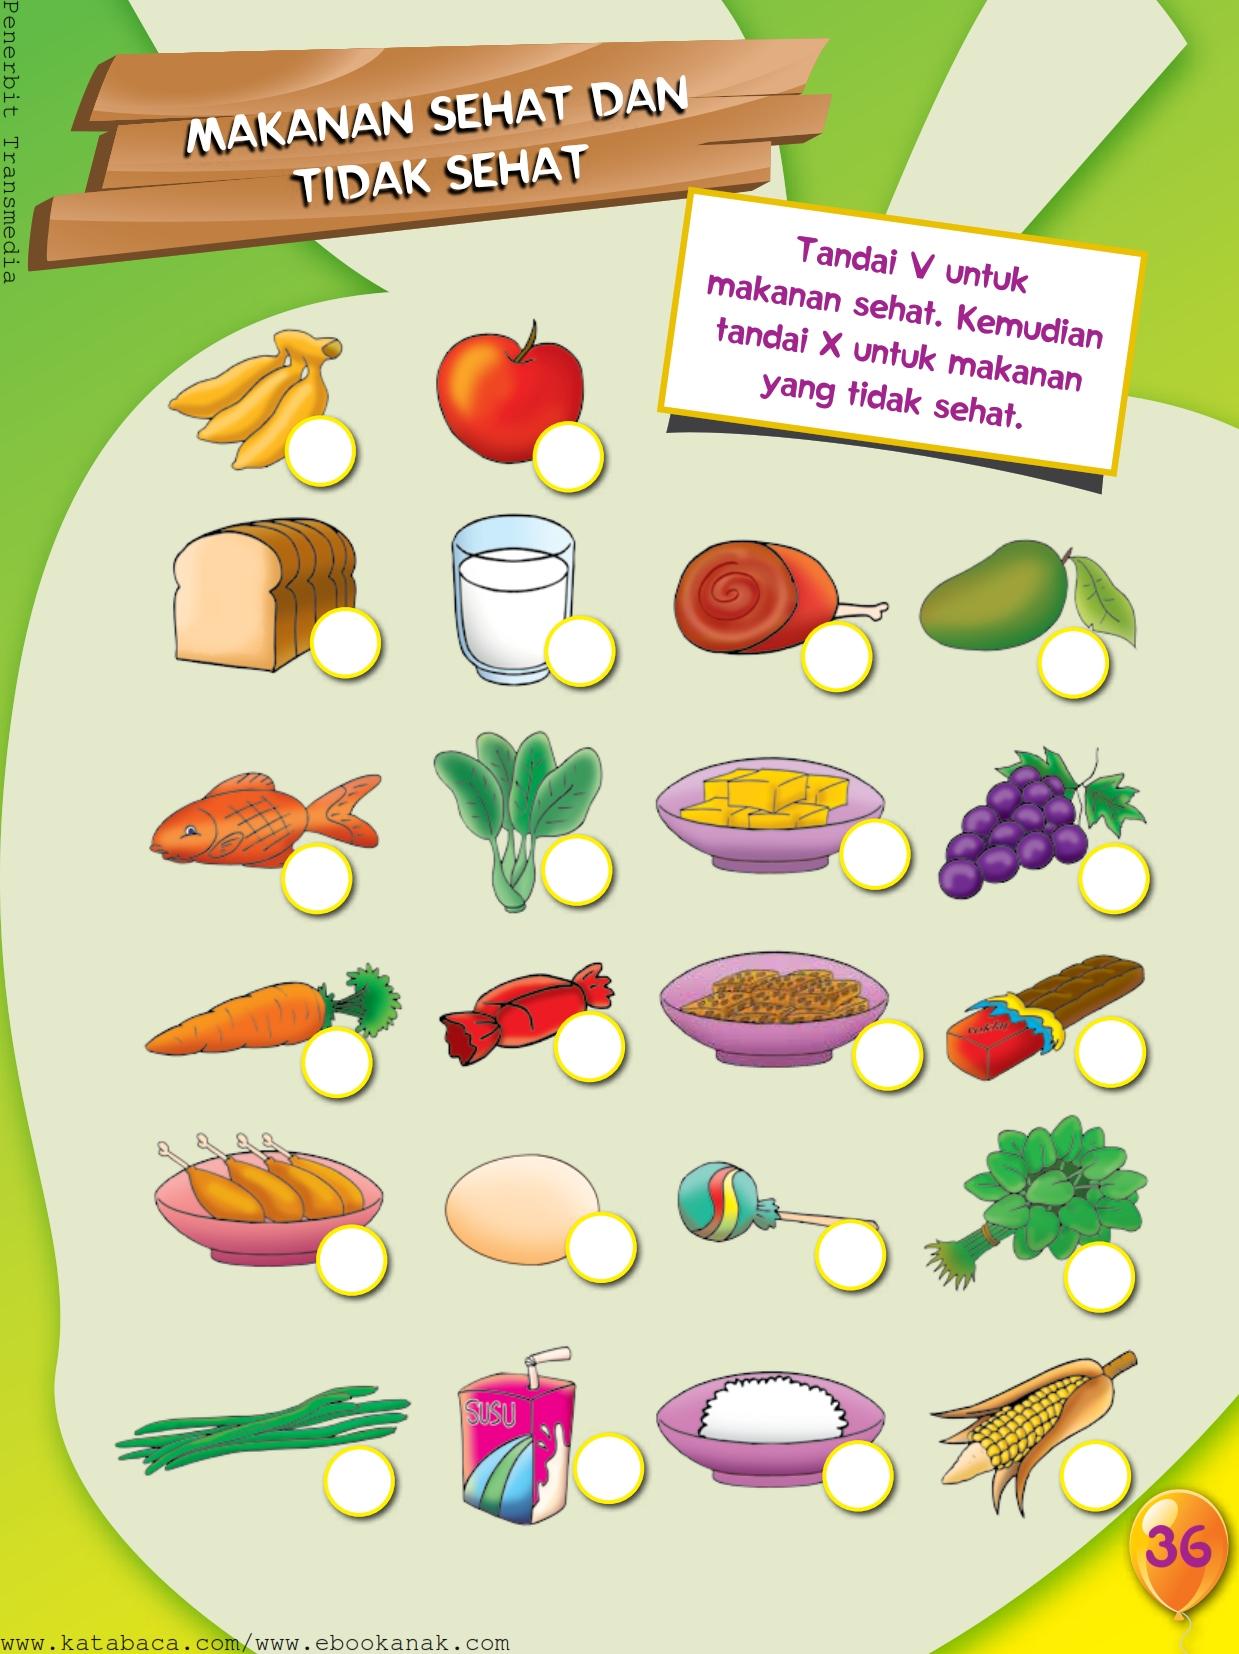 Mengenal Makanan Sehat Dan Makanan Tidak Sehat Ebook Anak